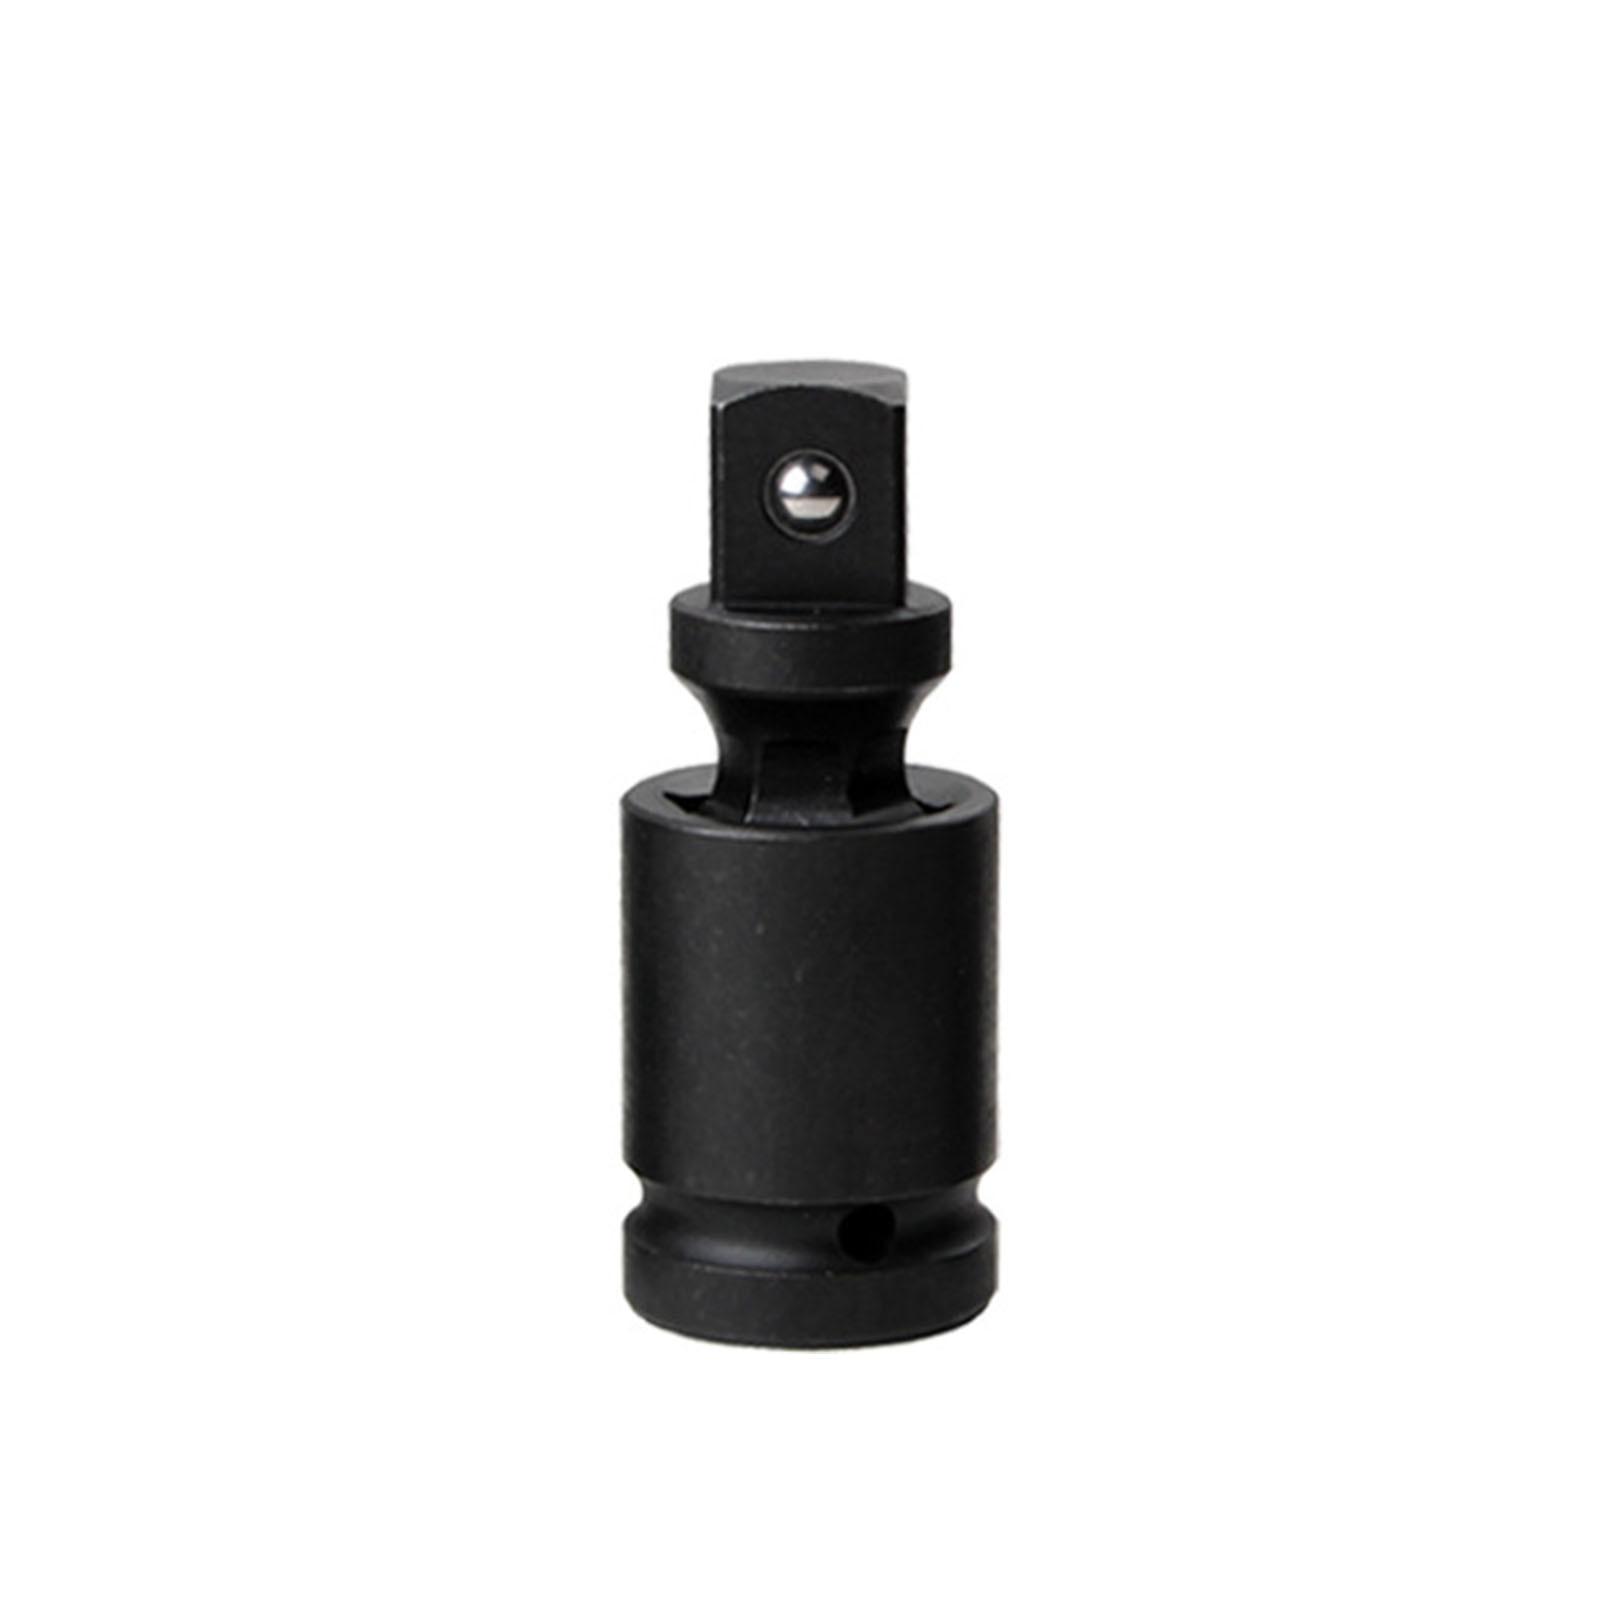 Drive adaptador durável impacto universal extensão conjunta chave pneumática à prova de ferrugem giratória tomada oscilação 360 graus chrome moly